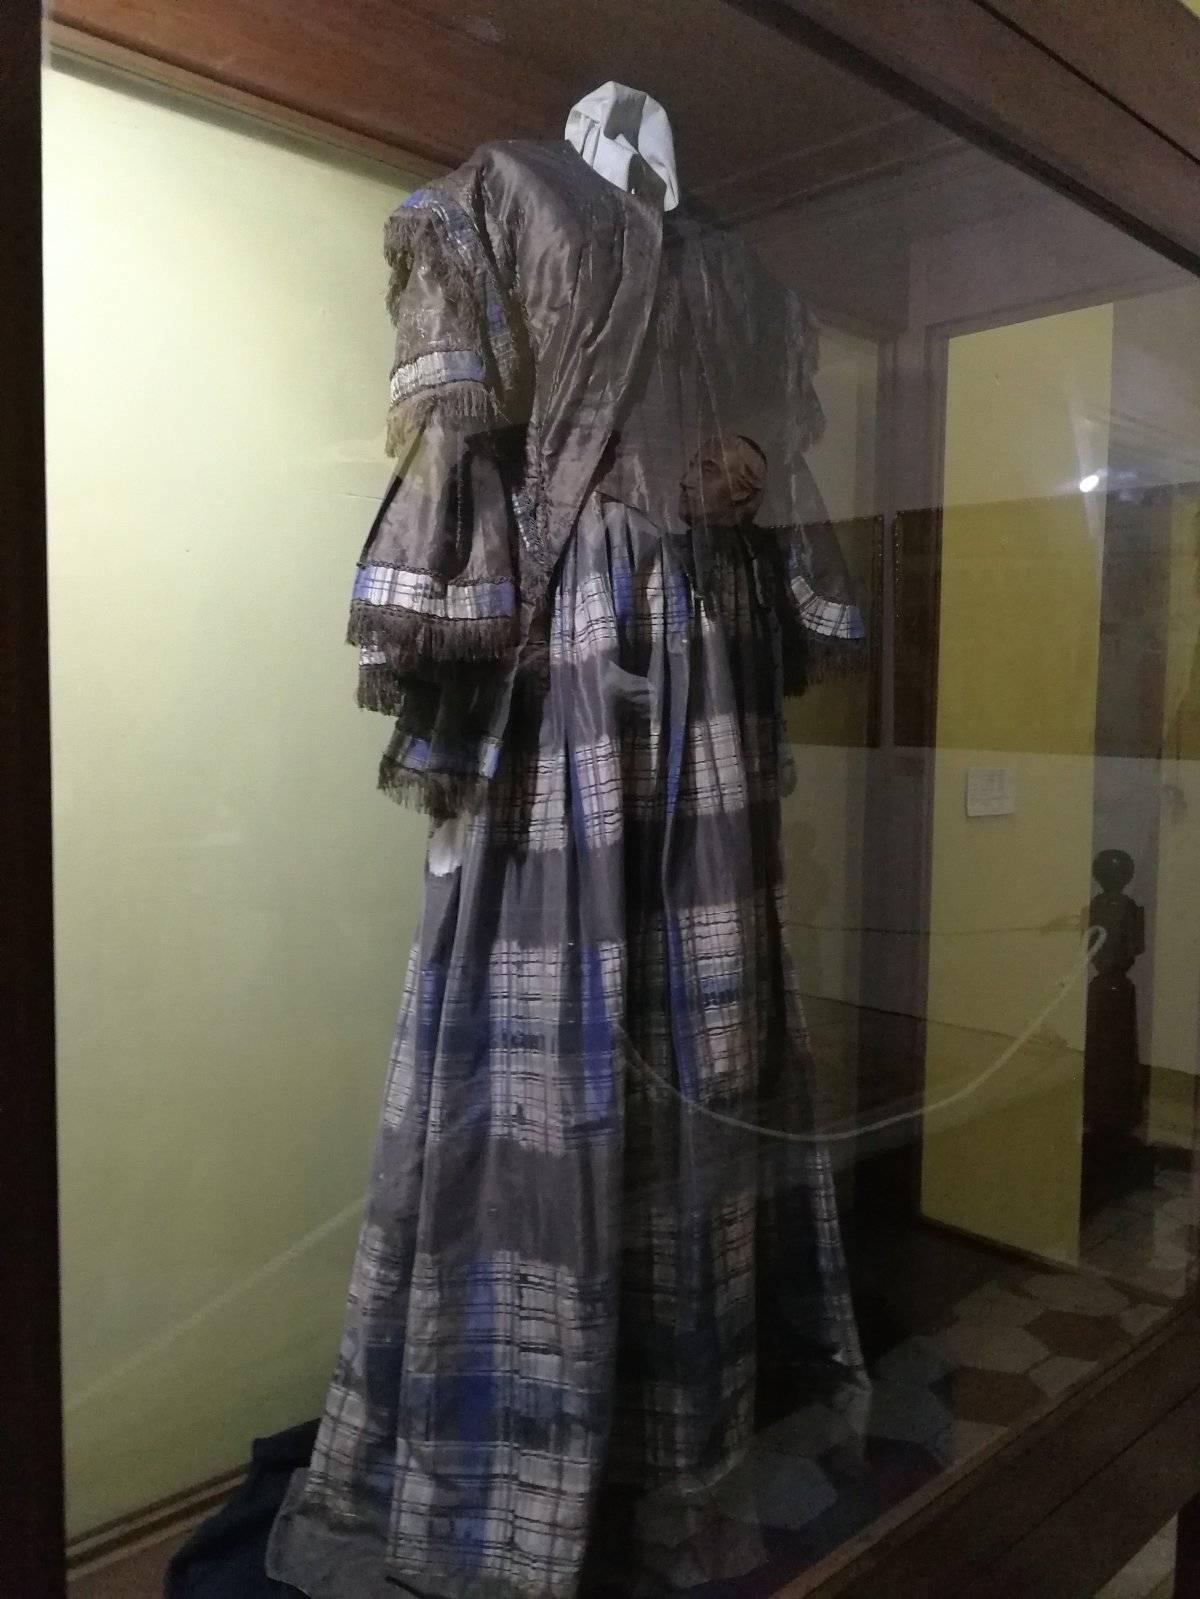 Vestido María Dolores Bedoya de Molina